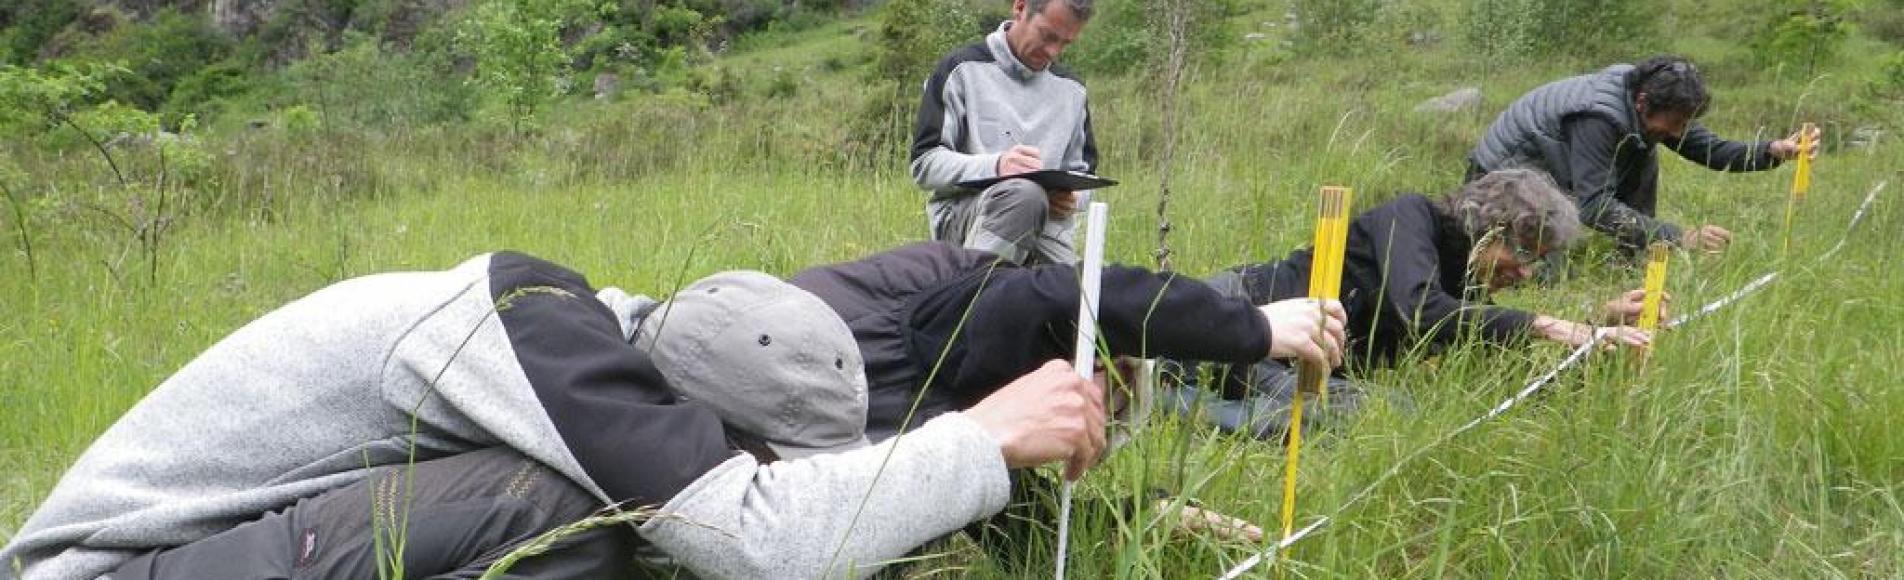 Calage mesures biomasse végétale - © Leïla Thouret - Parc national des Écrins